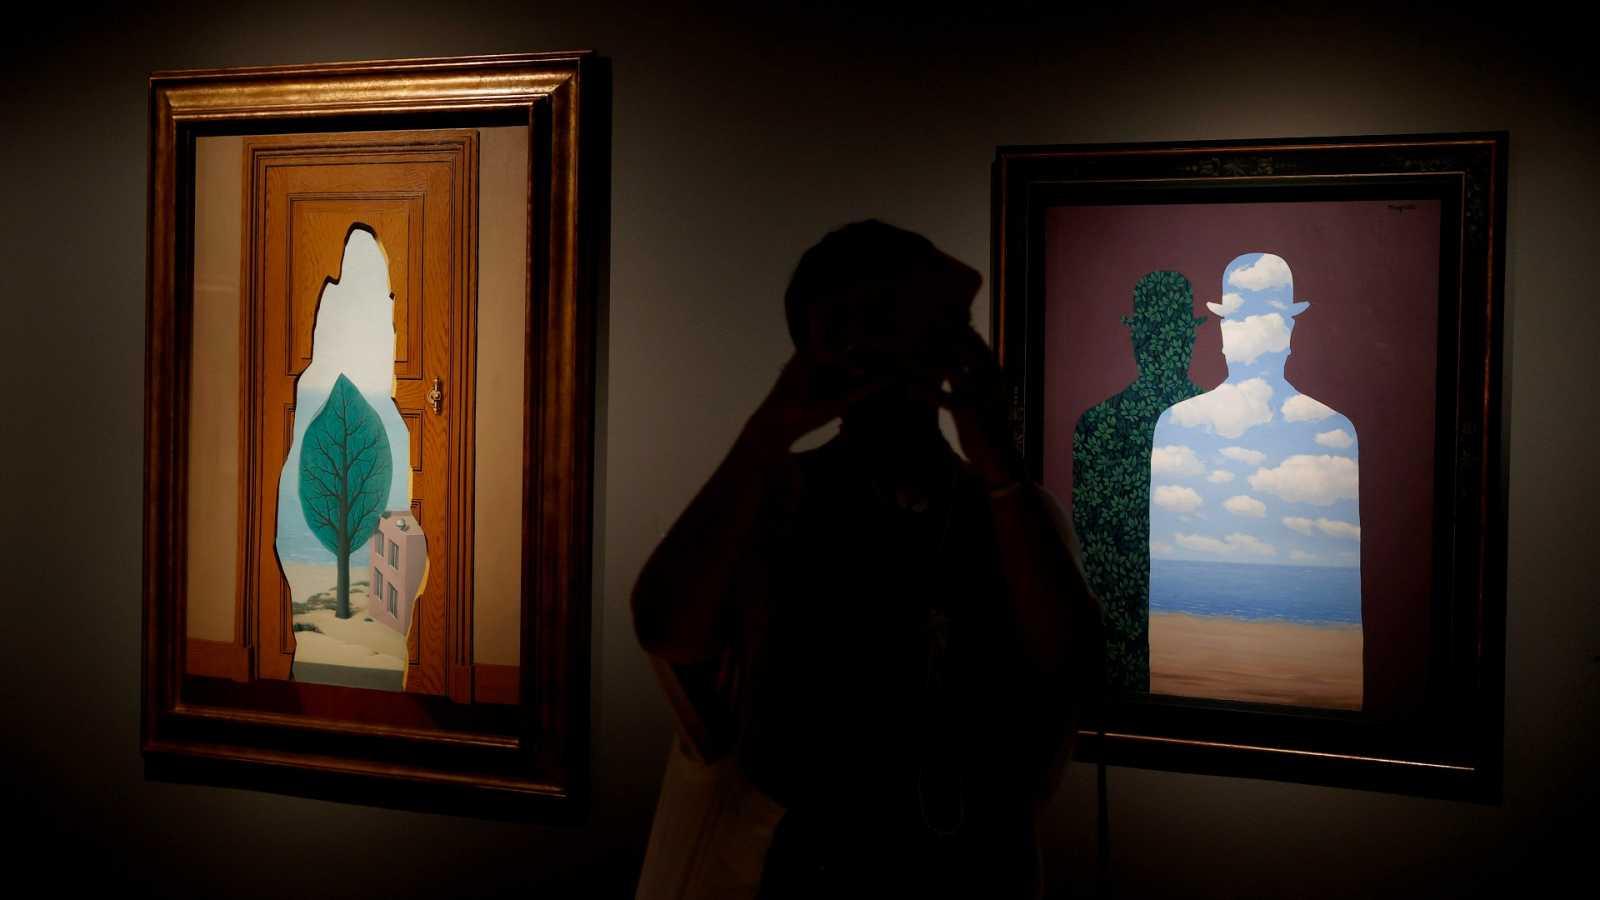 'La máquina Magritte' en el Museo Thyssen, una exposición donde nada es lo que parece - Ver ahora